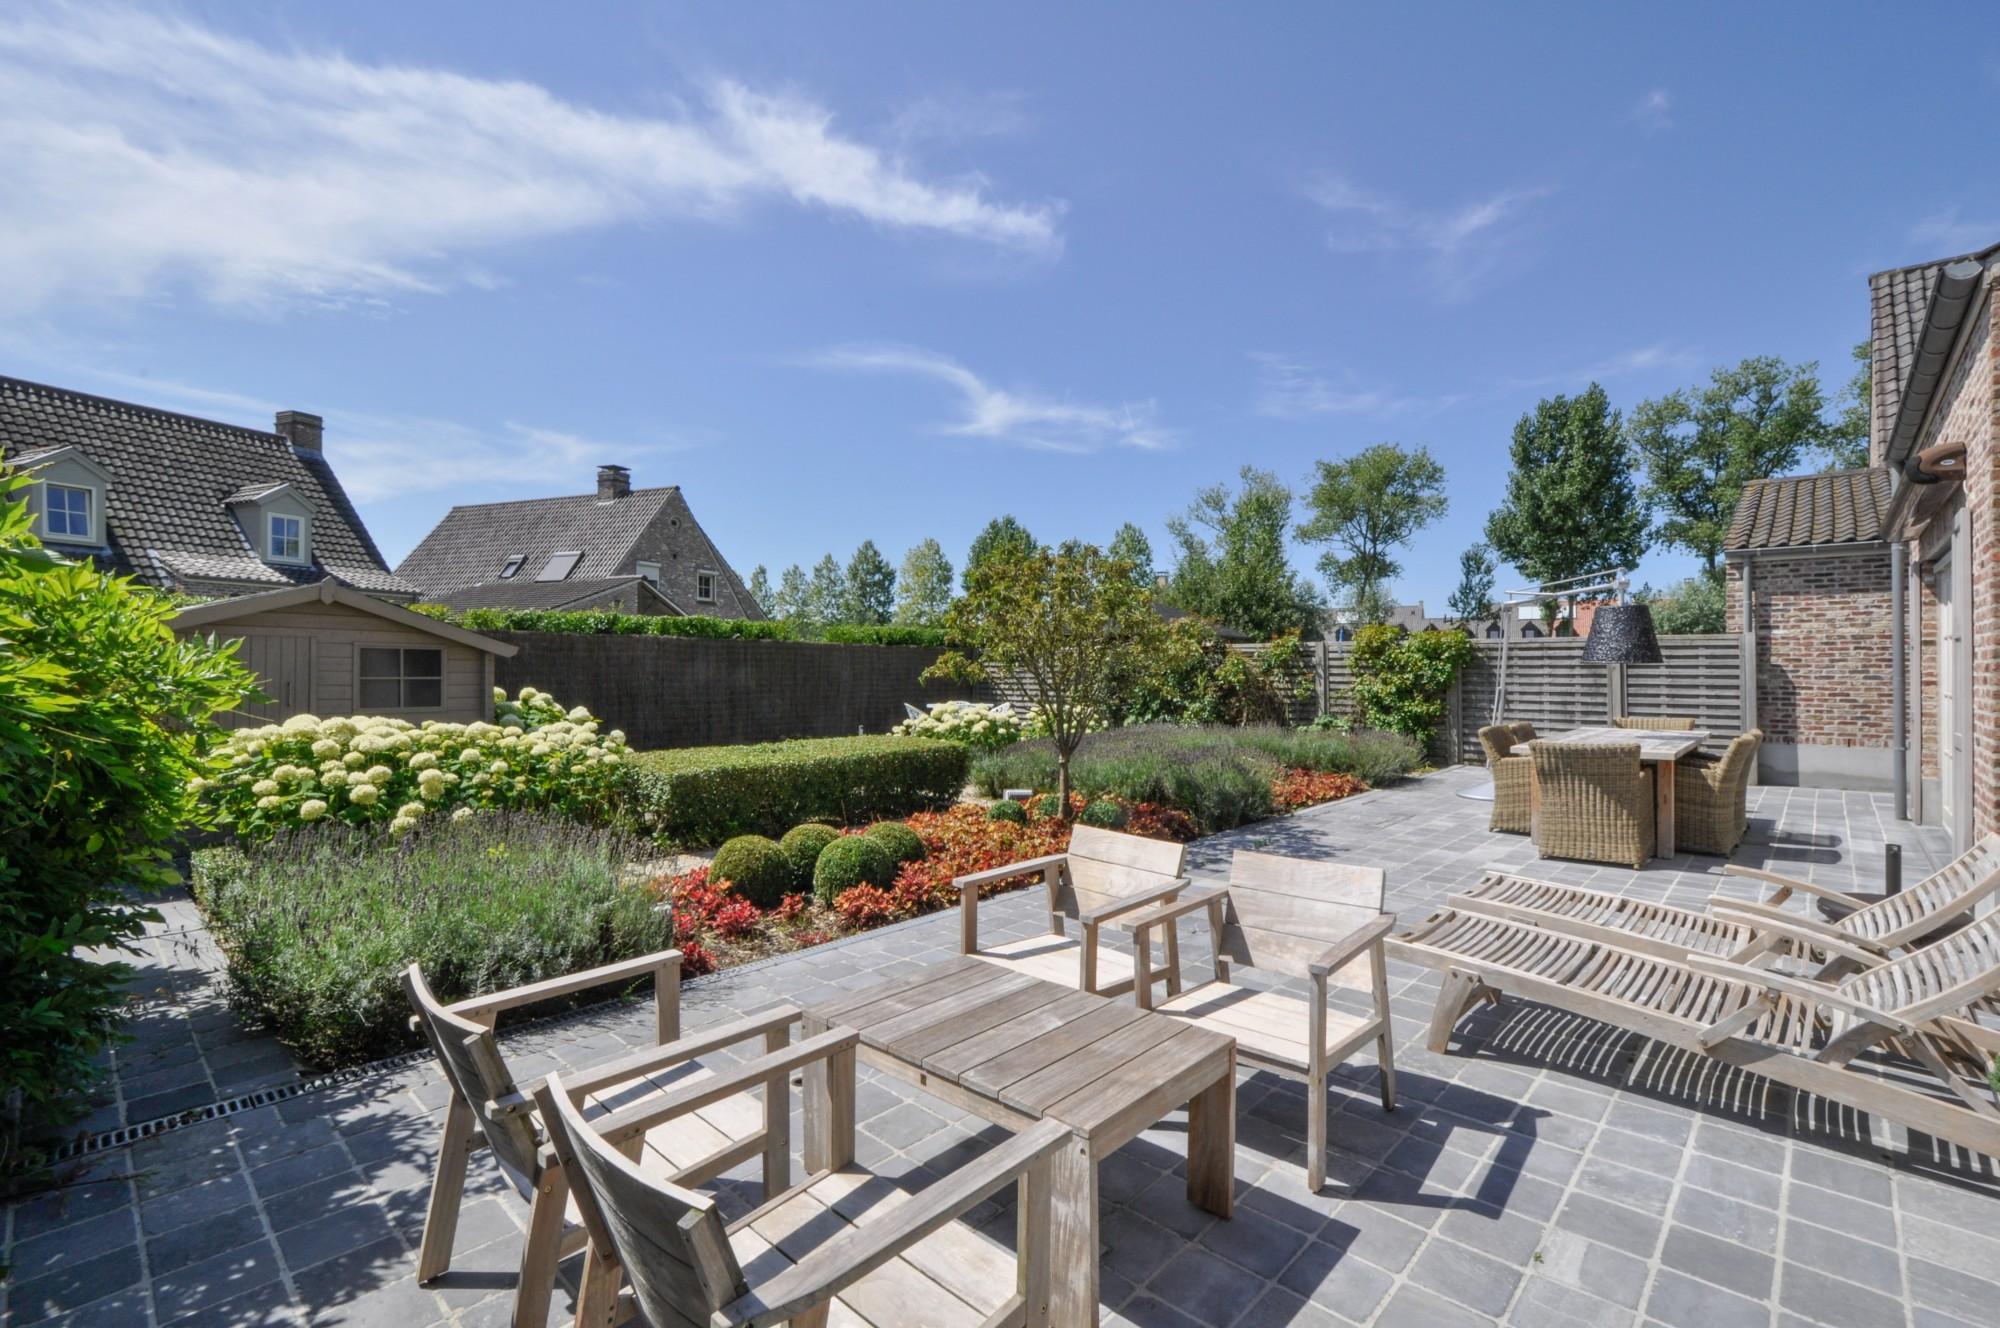 Vente Maison 3 CH Knokke-Heist - Biezenmaat / Ramskapelle